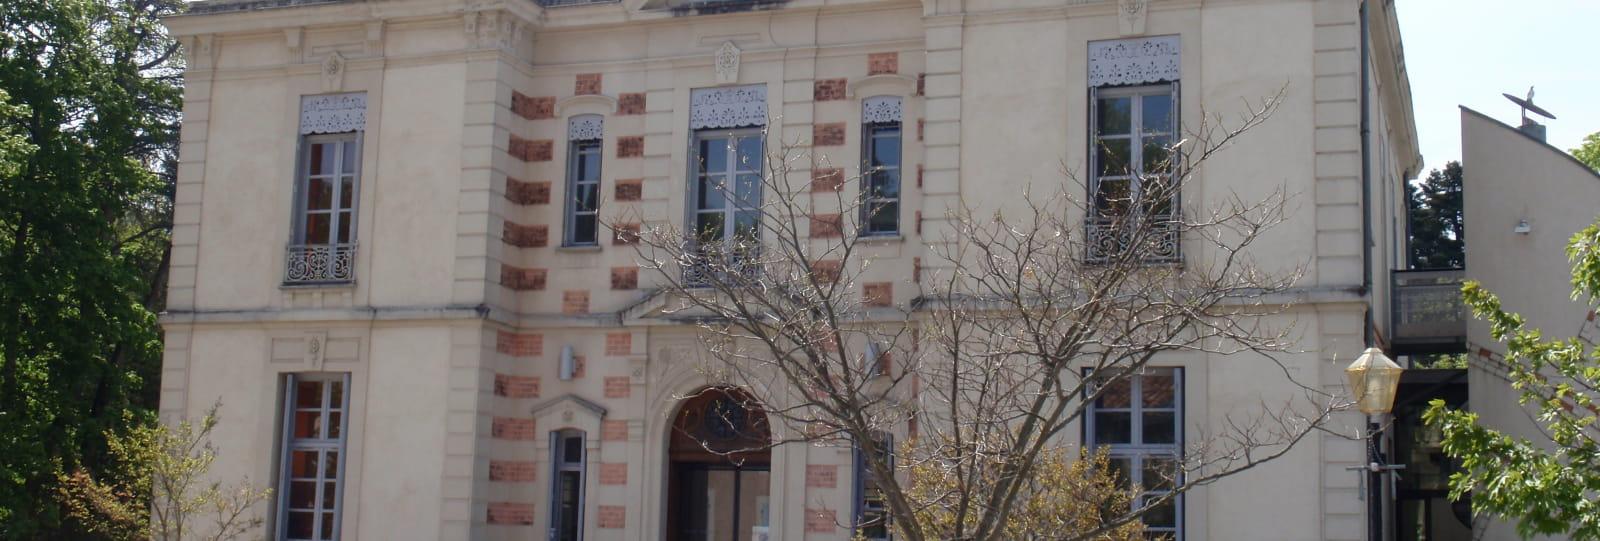 Maison de la Céramique